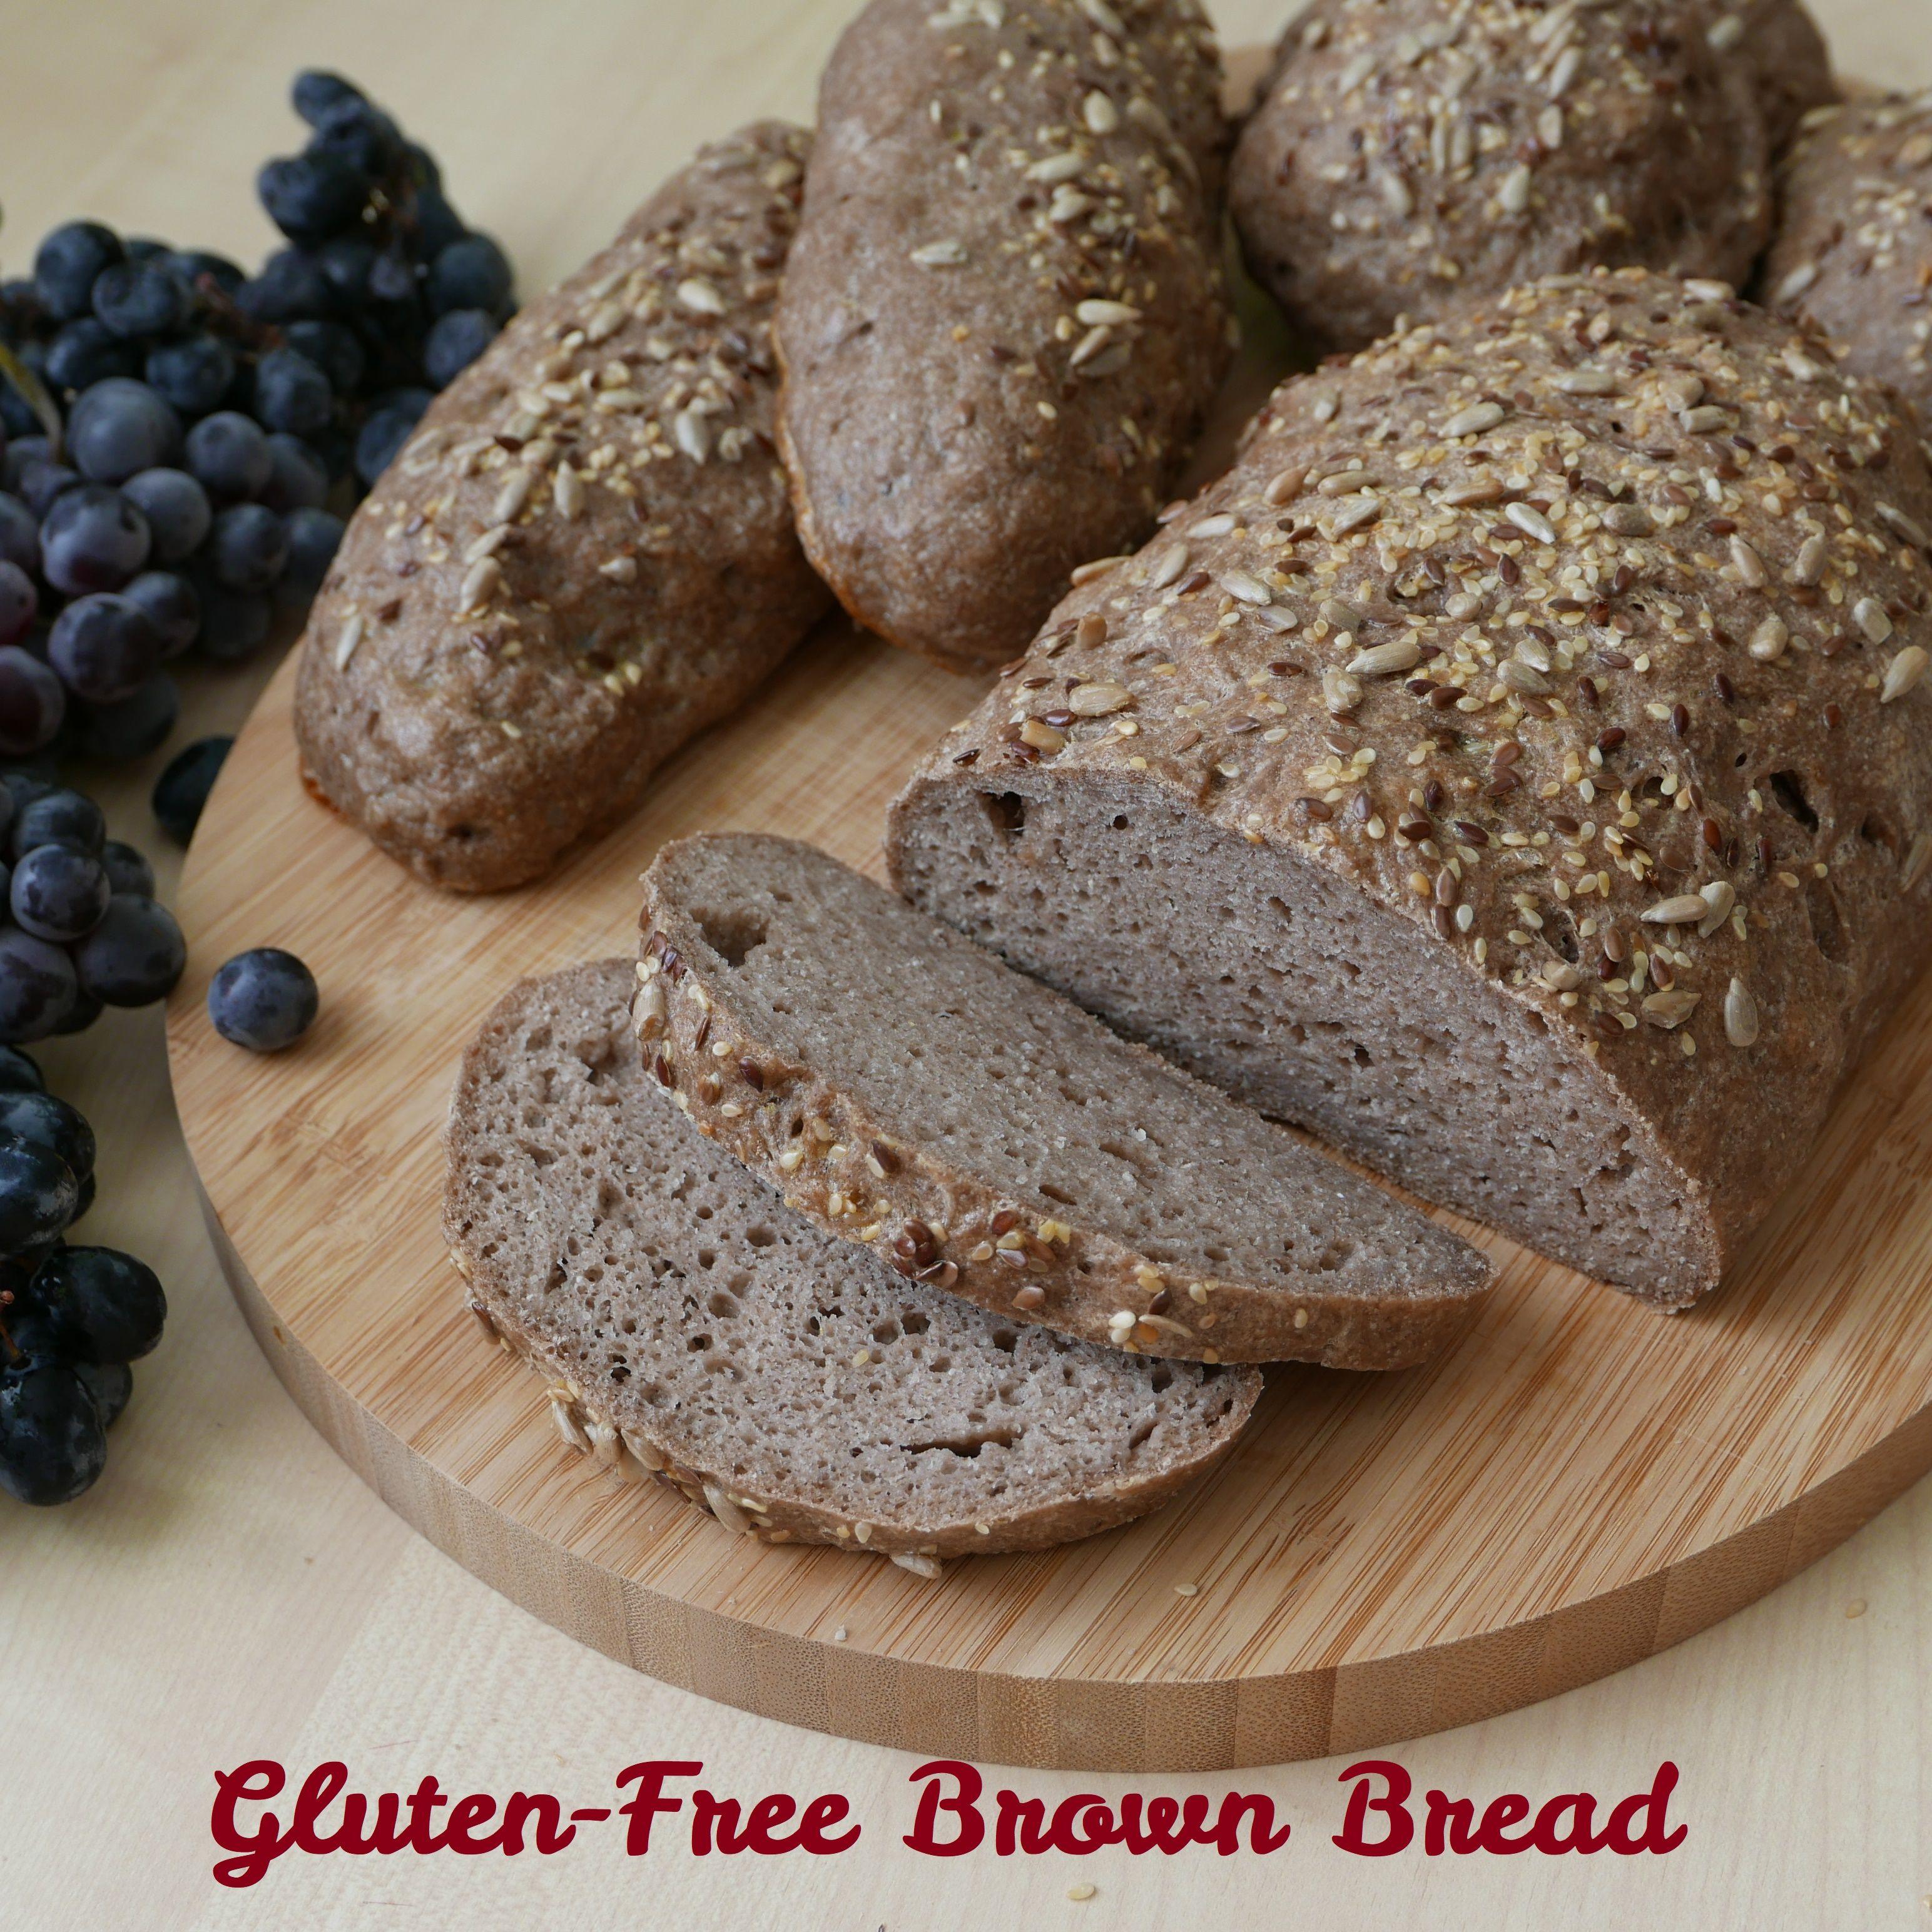 Gluten-Free Brown Bread | No-Knead, Gluten-Free, D